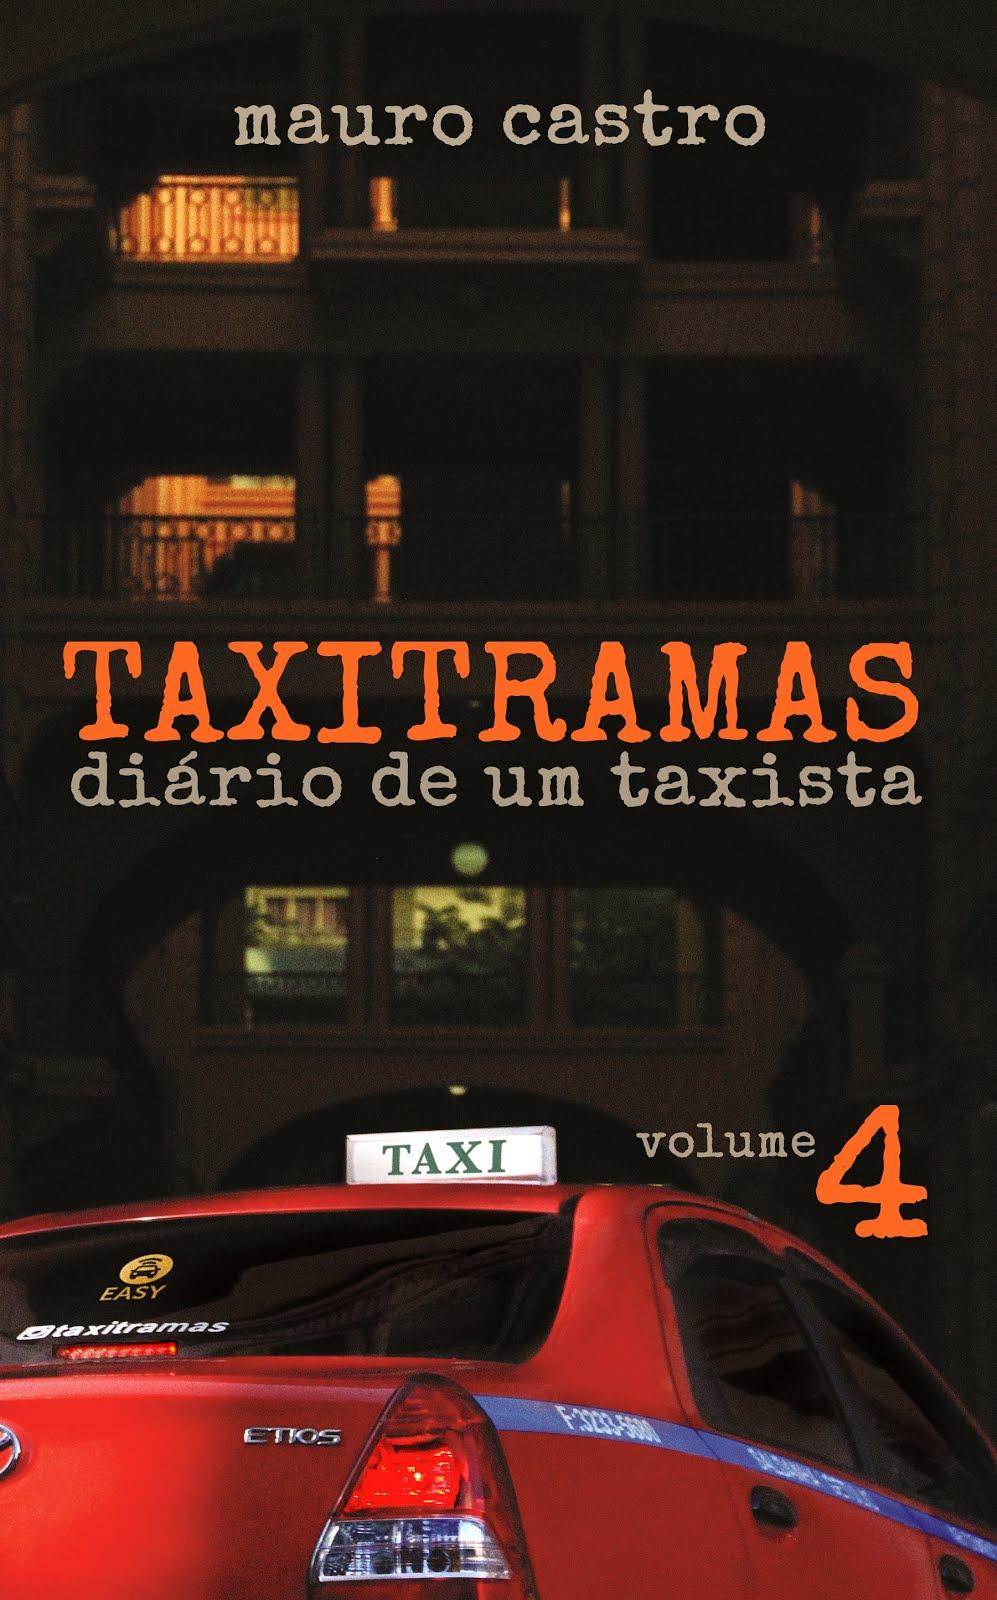 livro à venda no táxi